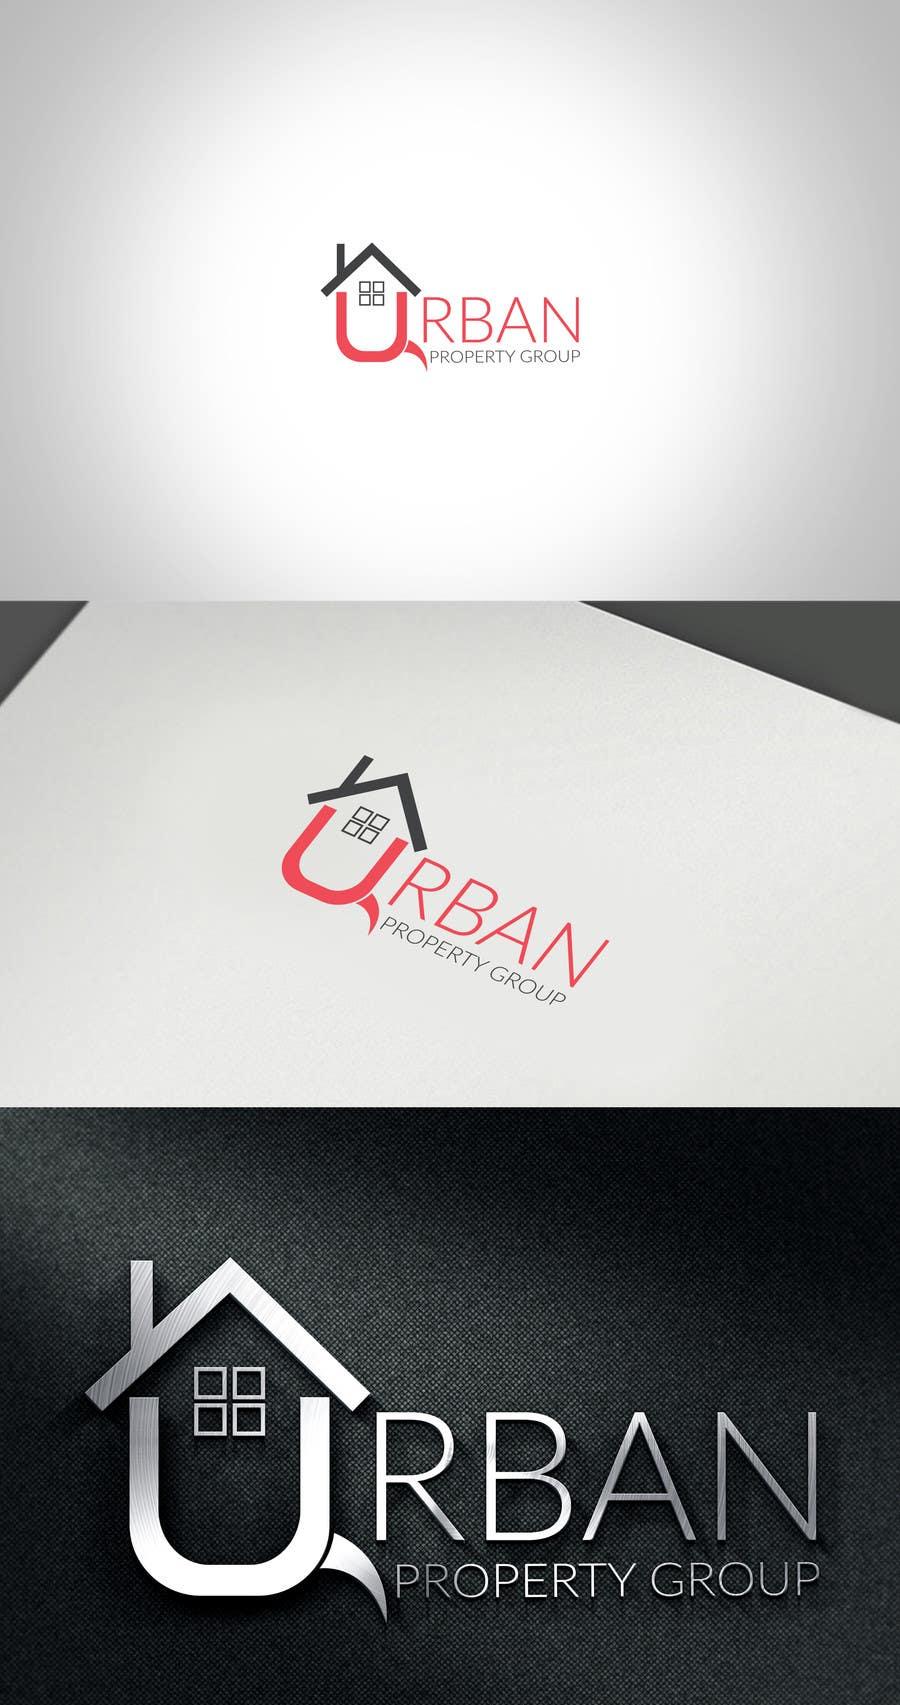 Bài tham dự cuộc thi #81 cho Design a Logo for Urban Property Group